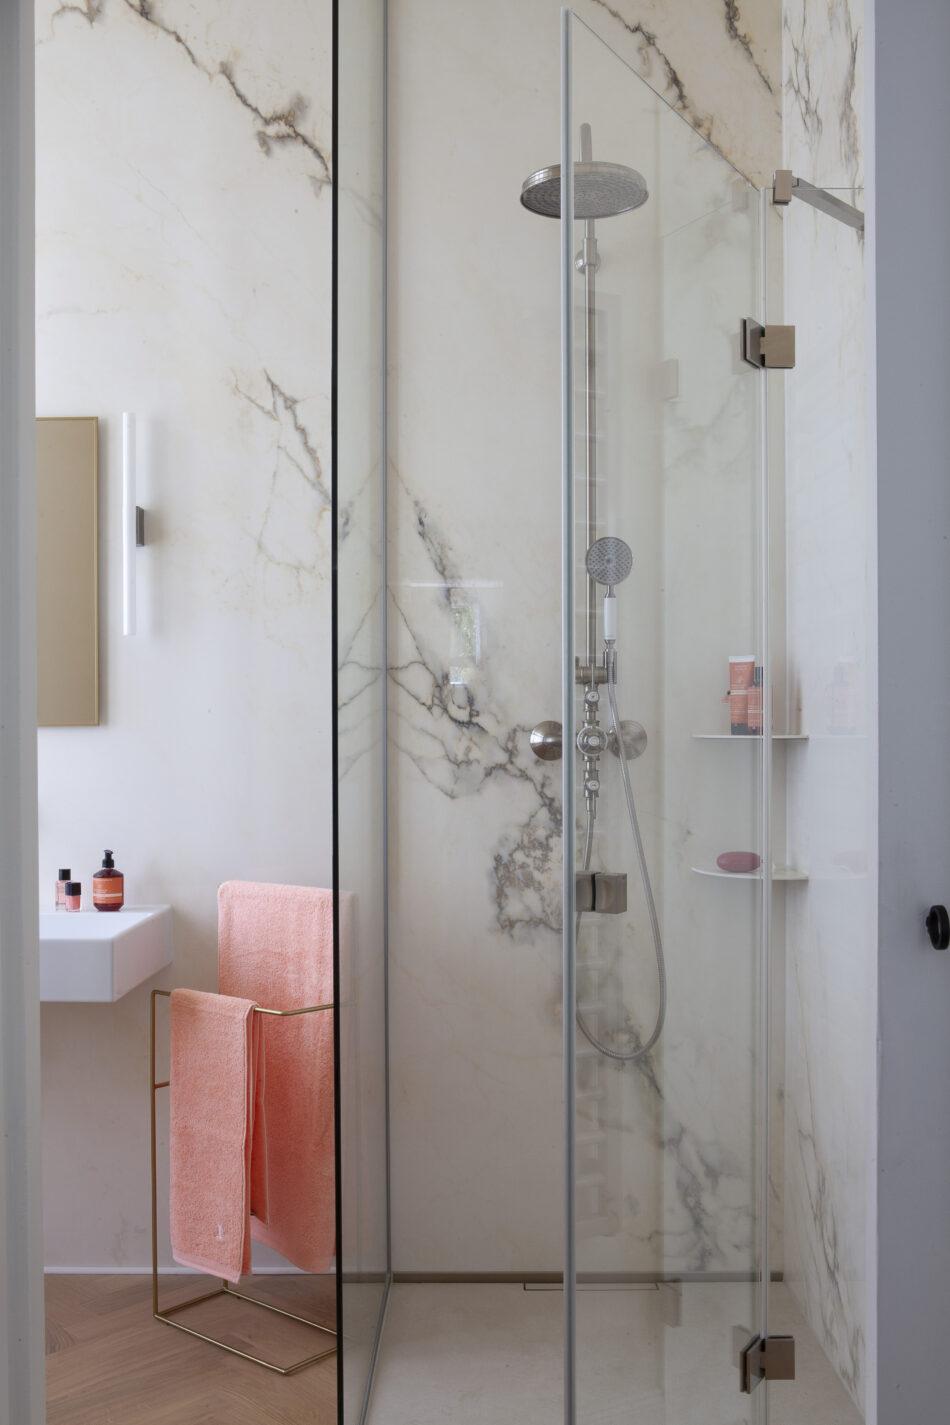 Antonius Schimmelbusch_Apartment_Berlin_Anne-Catherine Scoffoni_privat_04